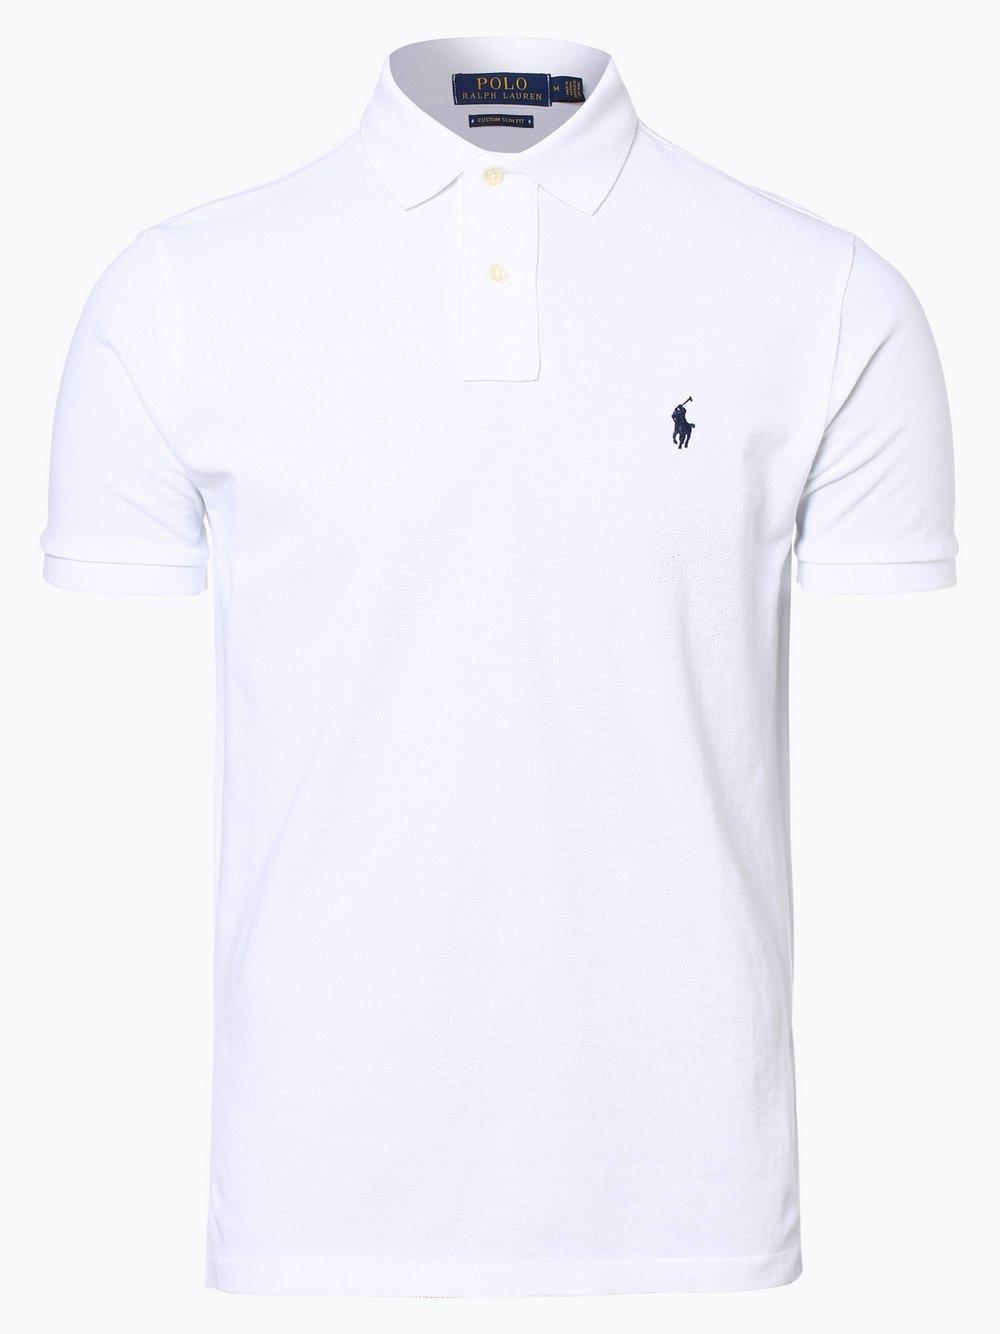 outlet store 4cfc0 de497 Herren Poloshirt Regular Fit